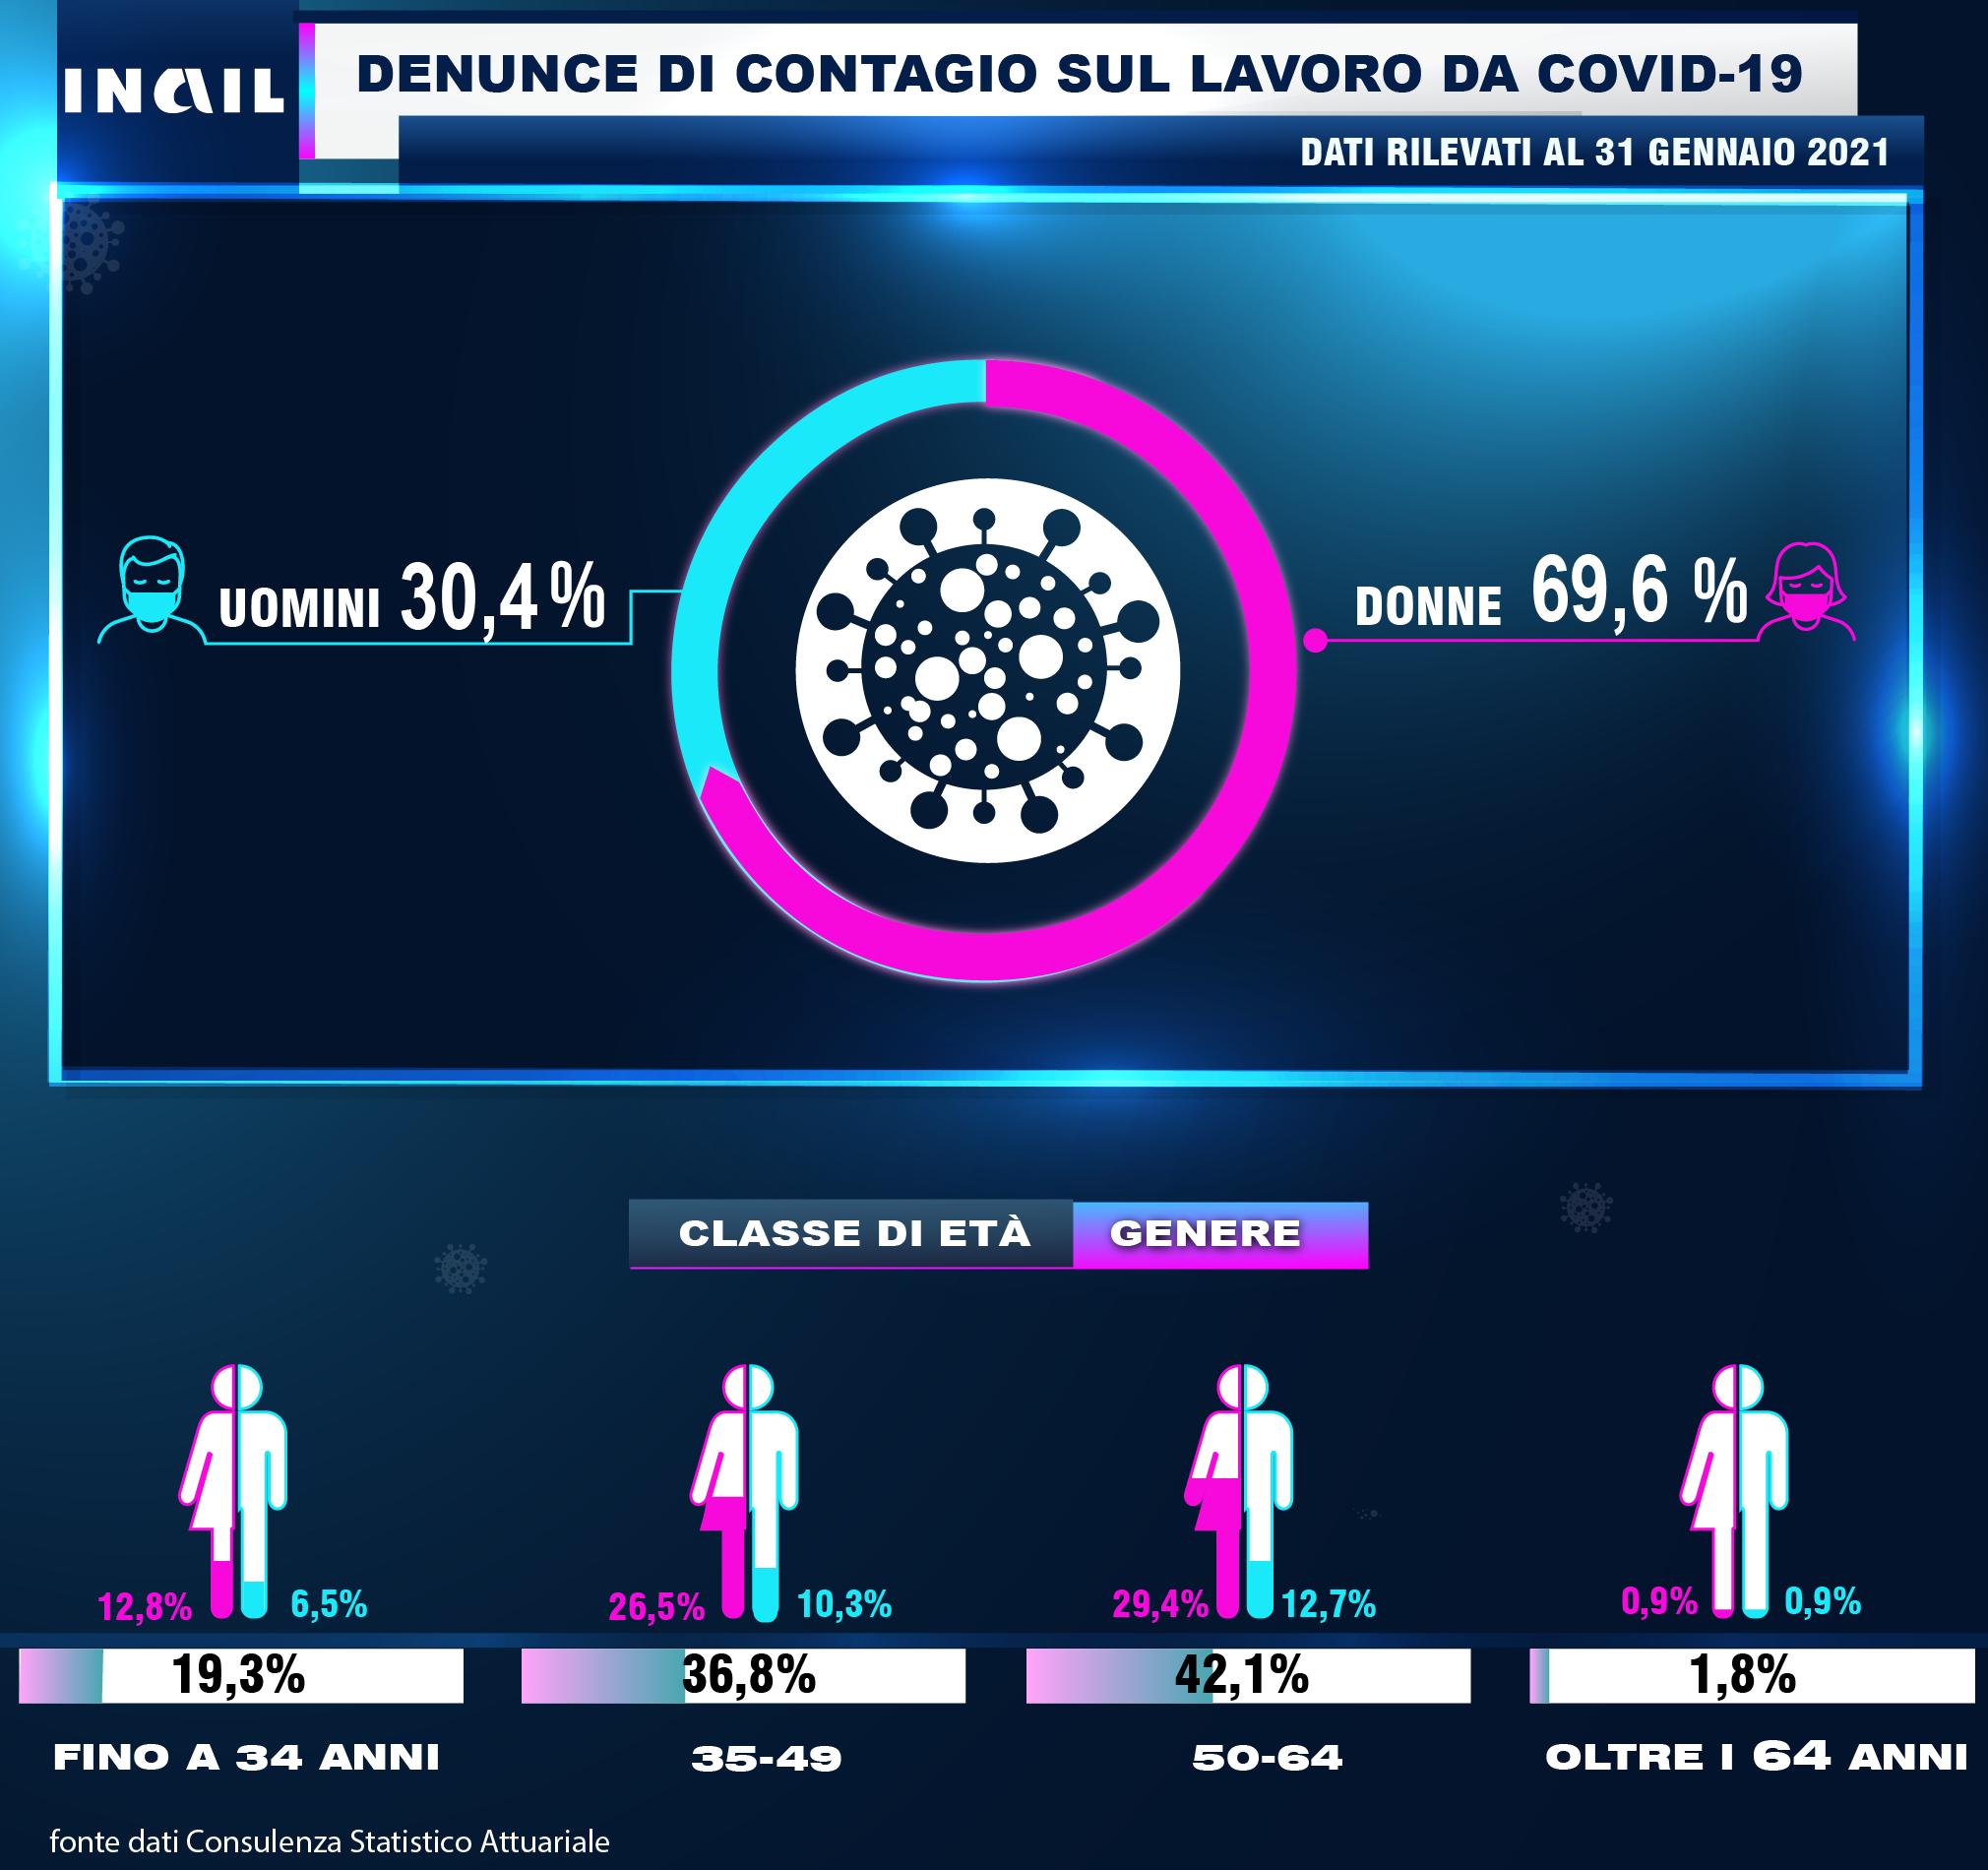 Denunce di contagio sul lavoro da Covid 19 dati rilevati al 31 gennaio 2021